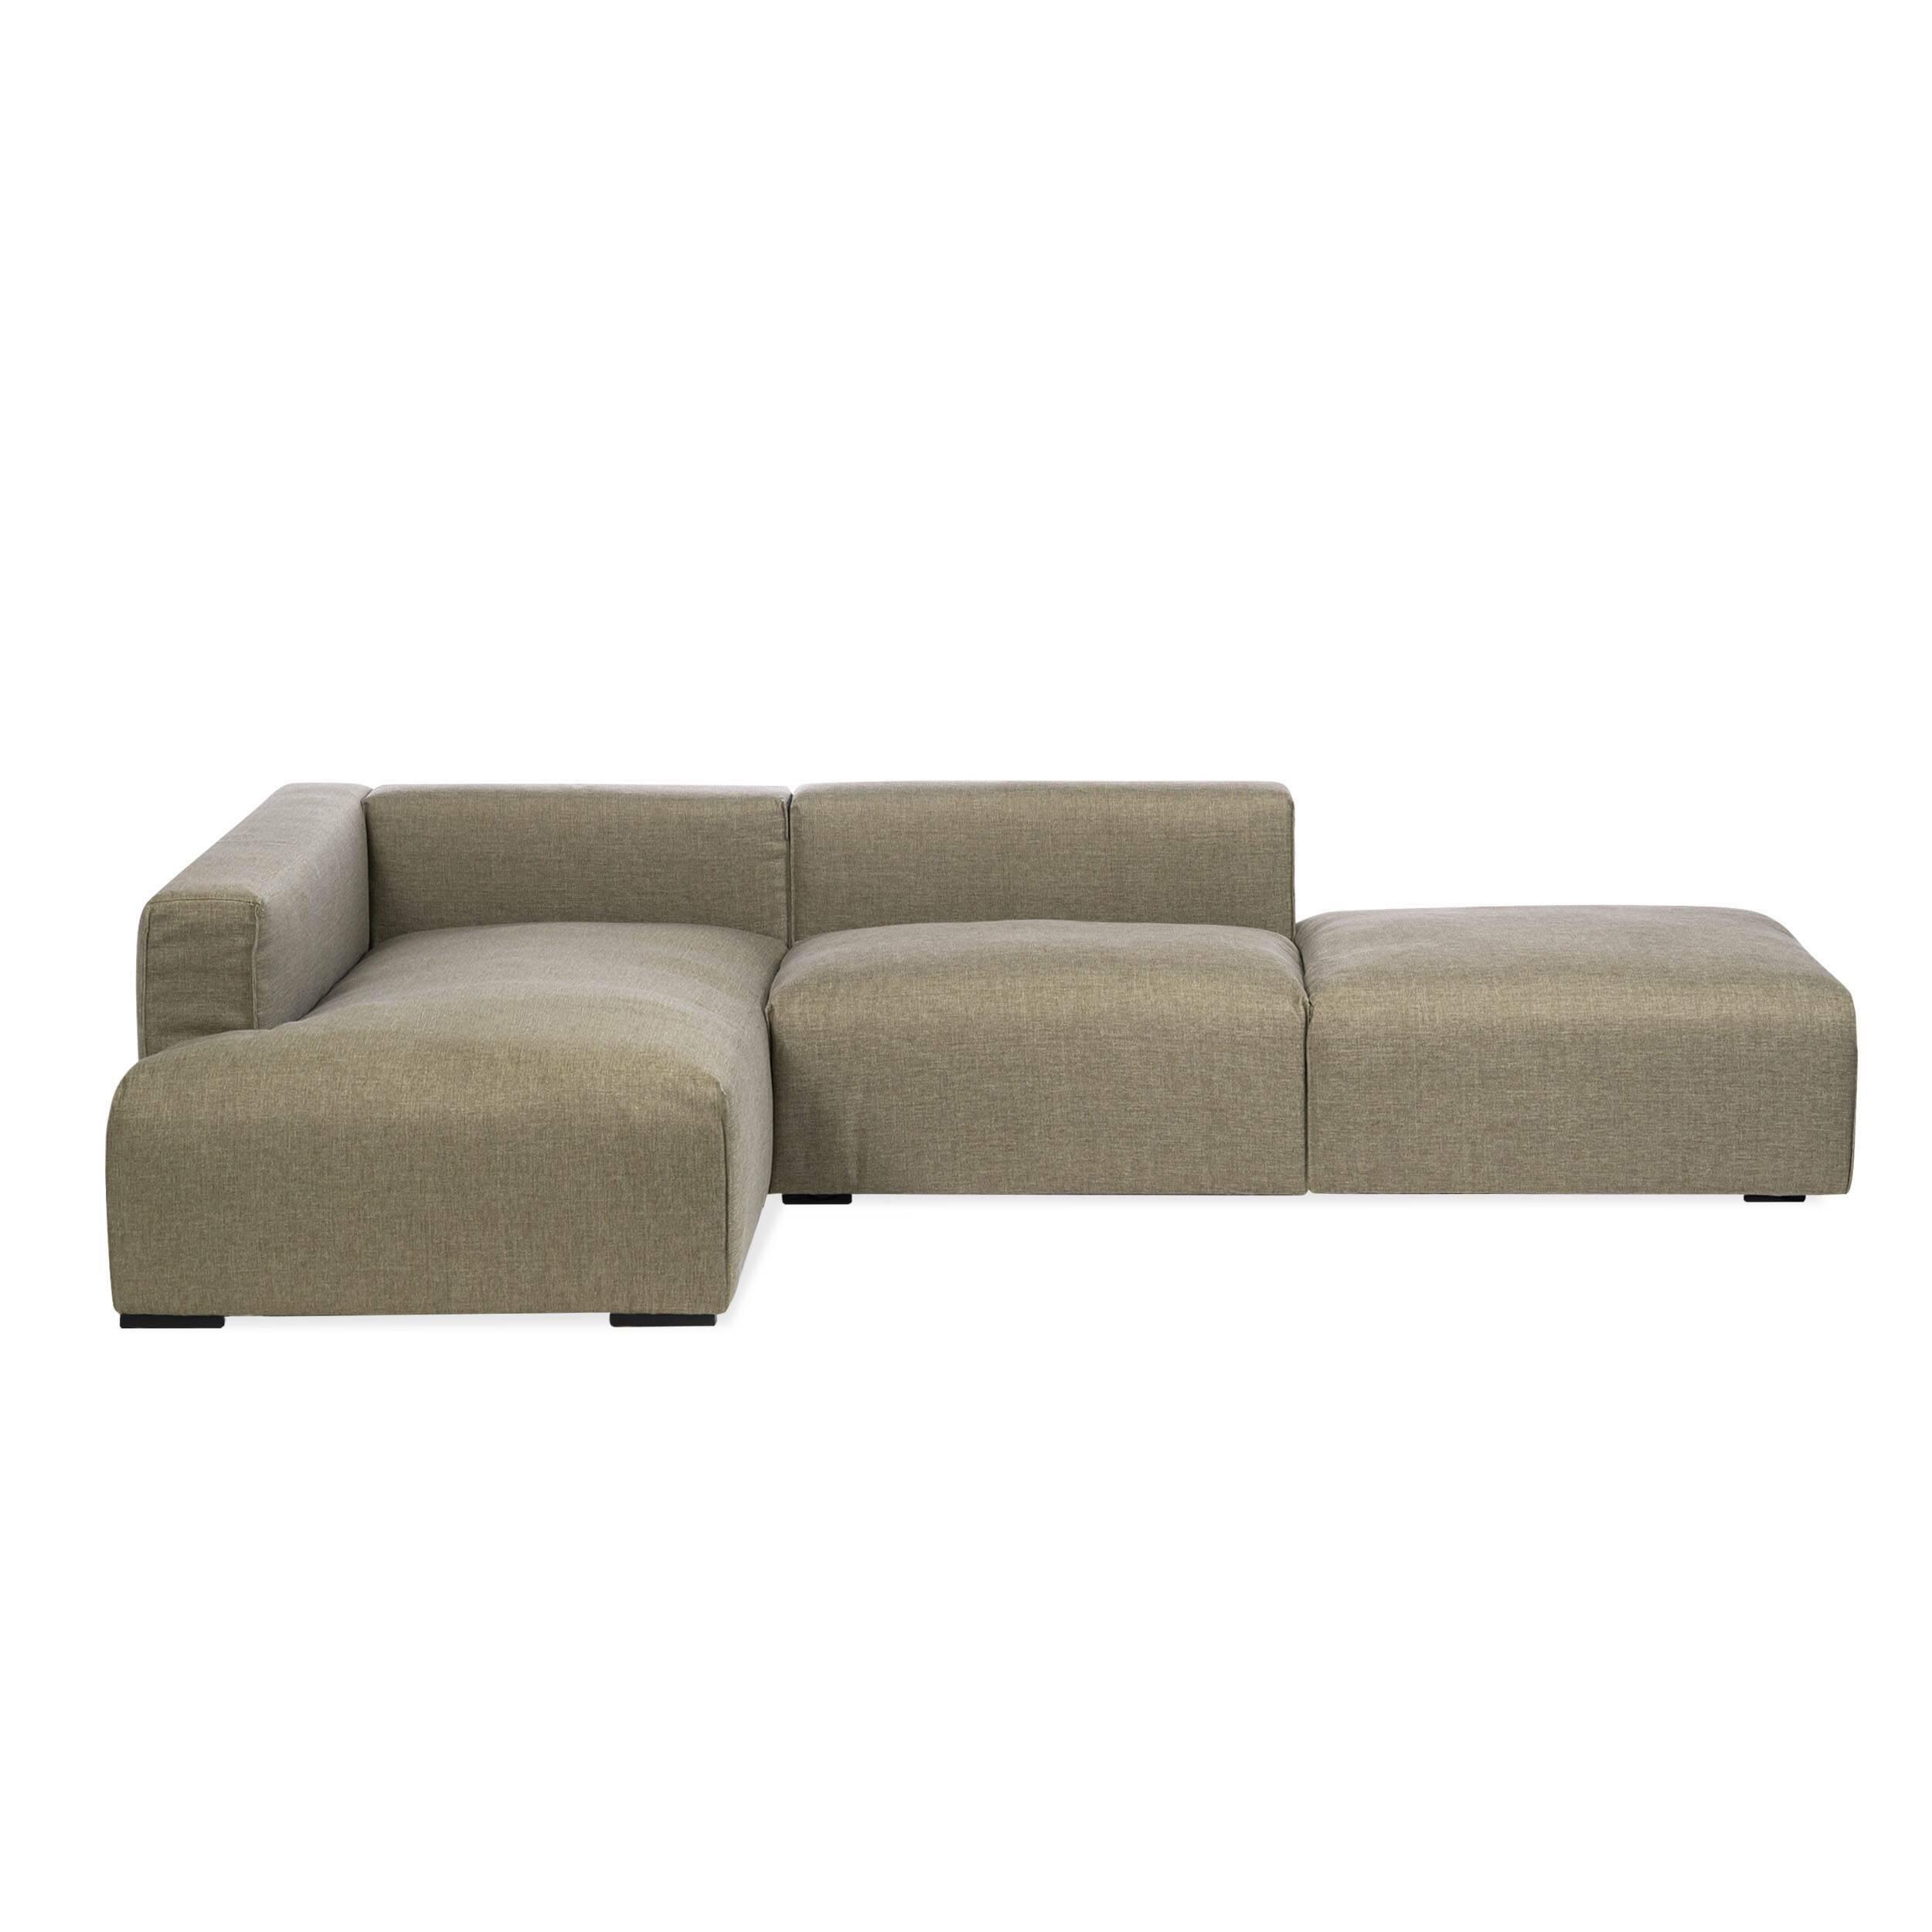 Угловой диван Liam длина 304 левосторонний